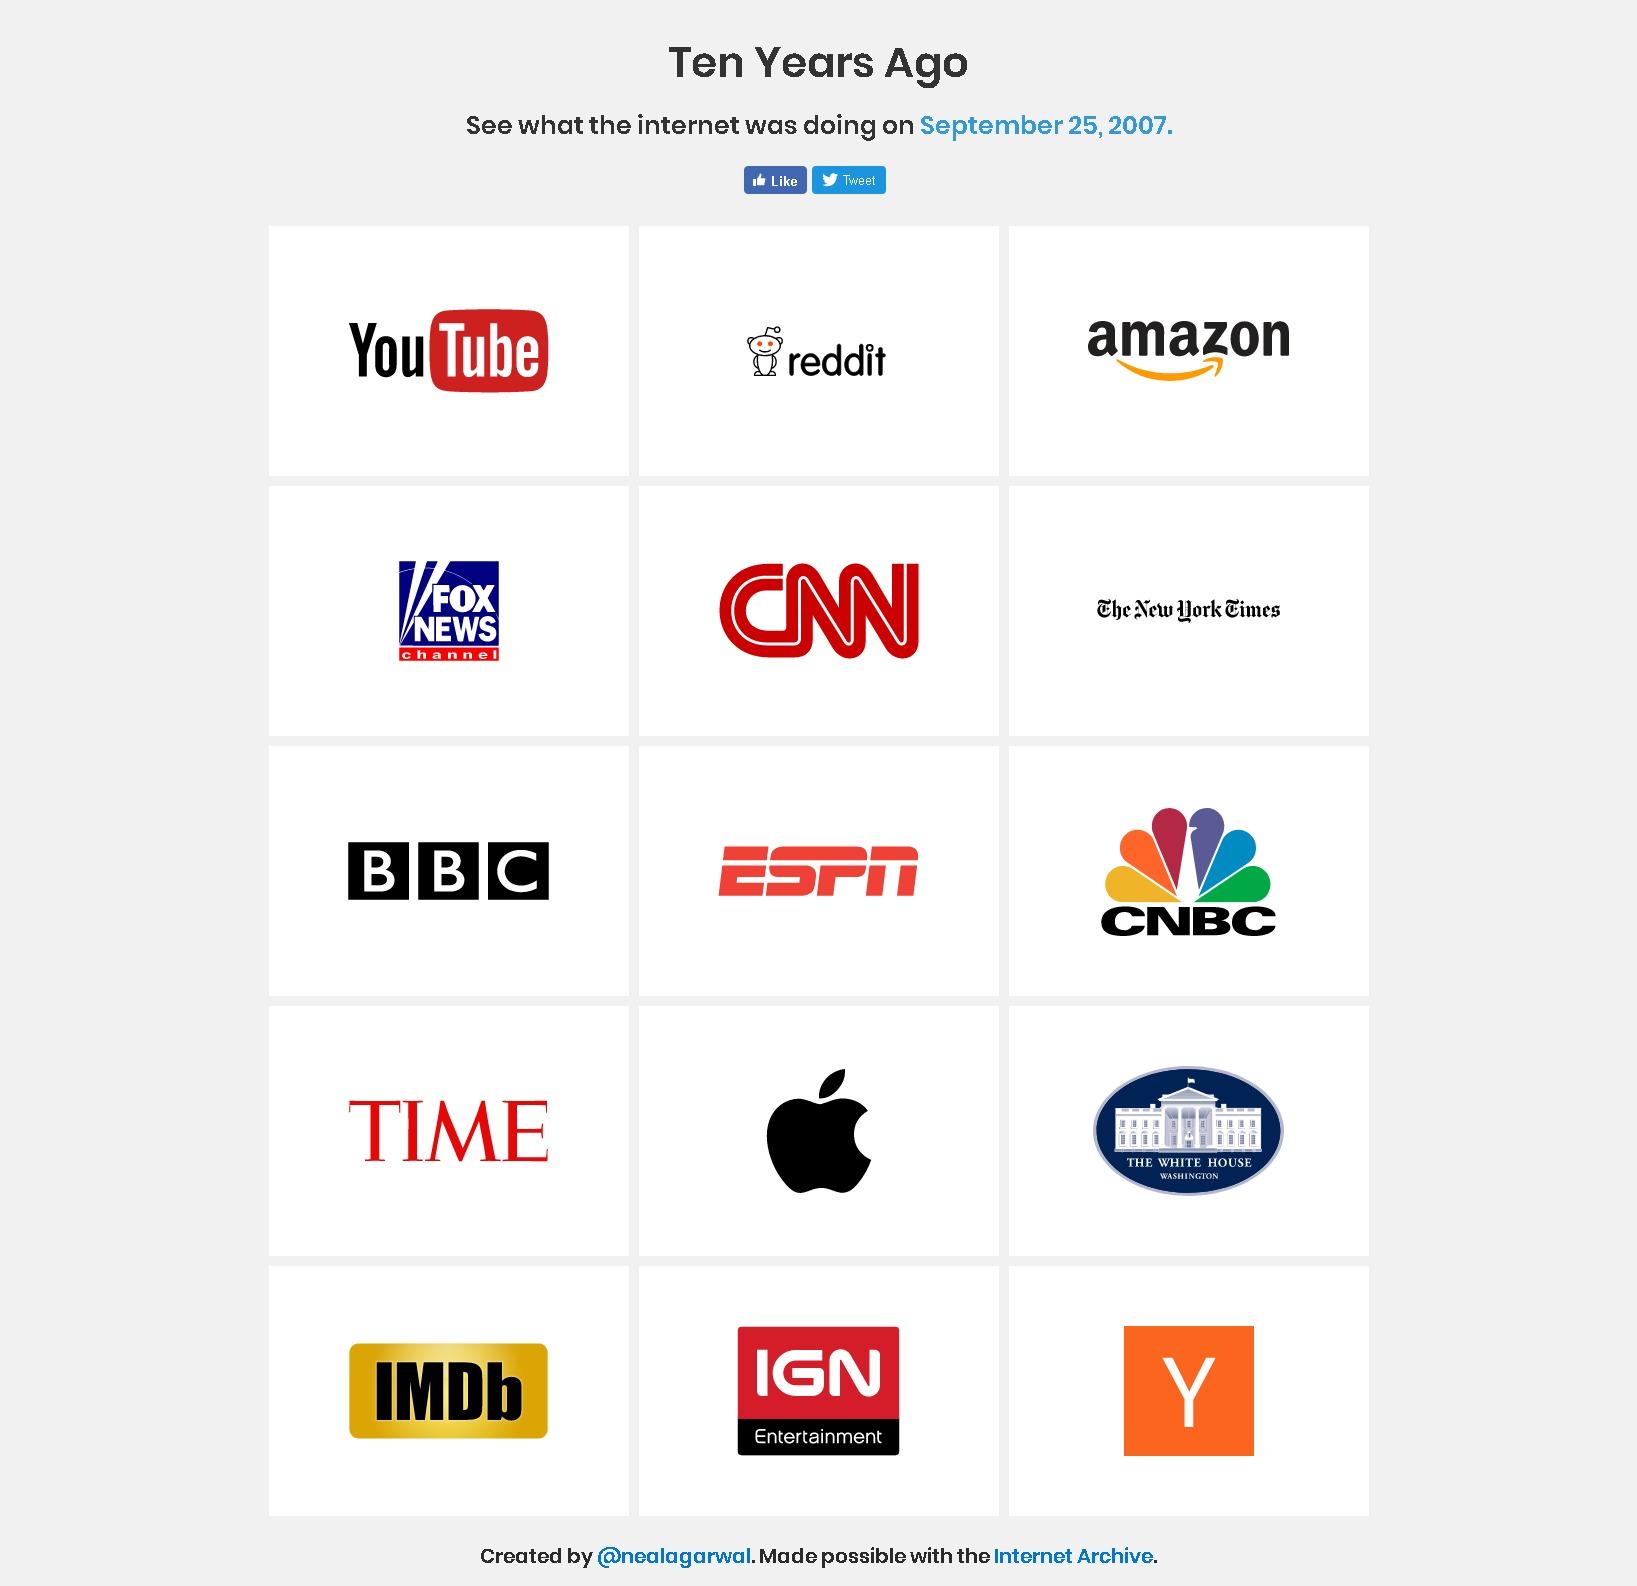 懐かしい!「Ten Years Ago」で10年前のサイトデザインを振り返ってみた。